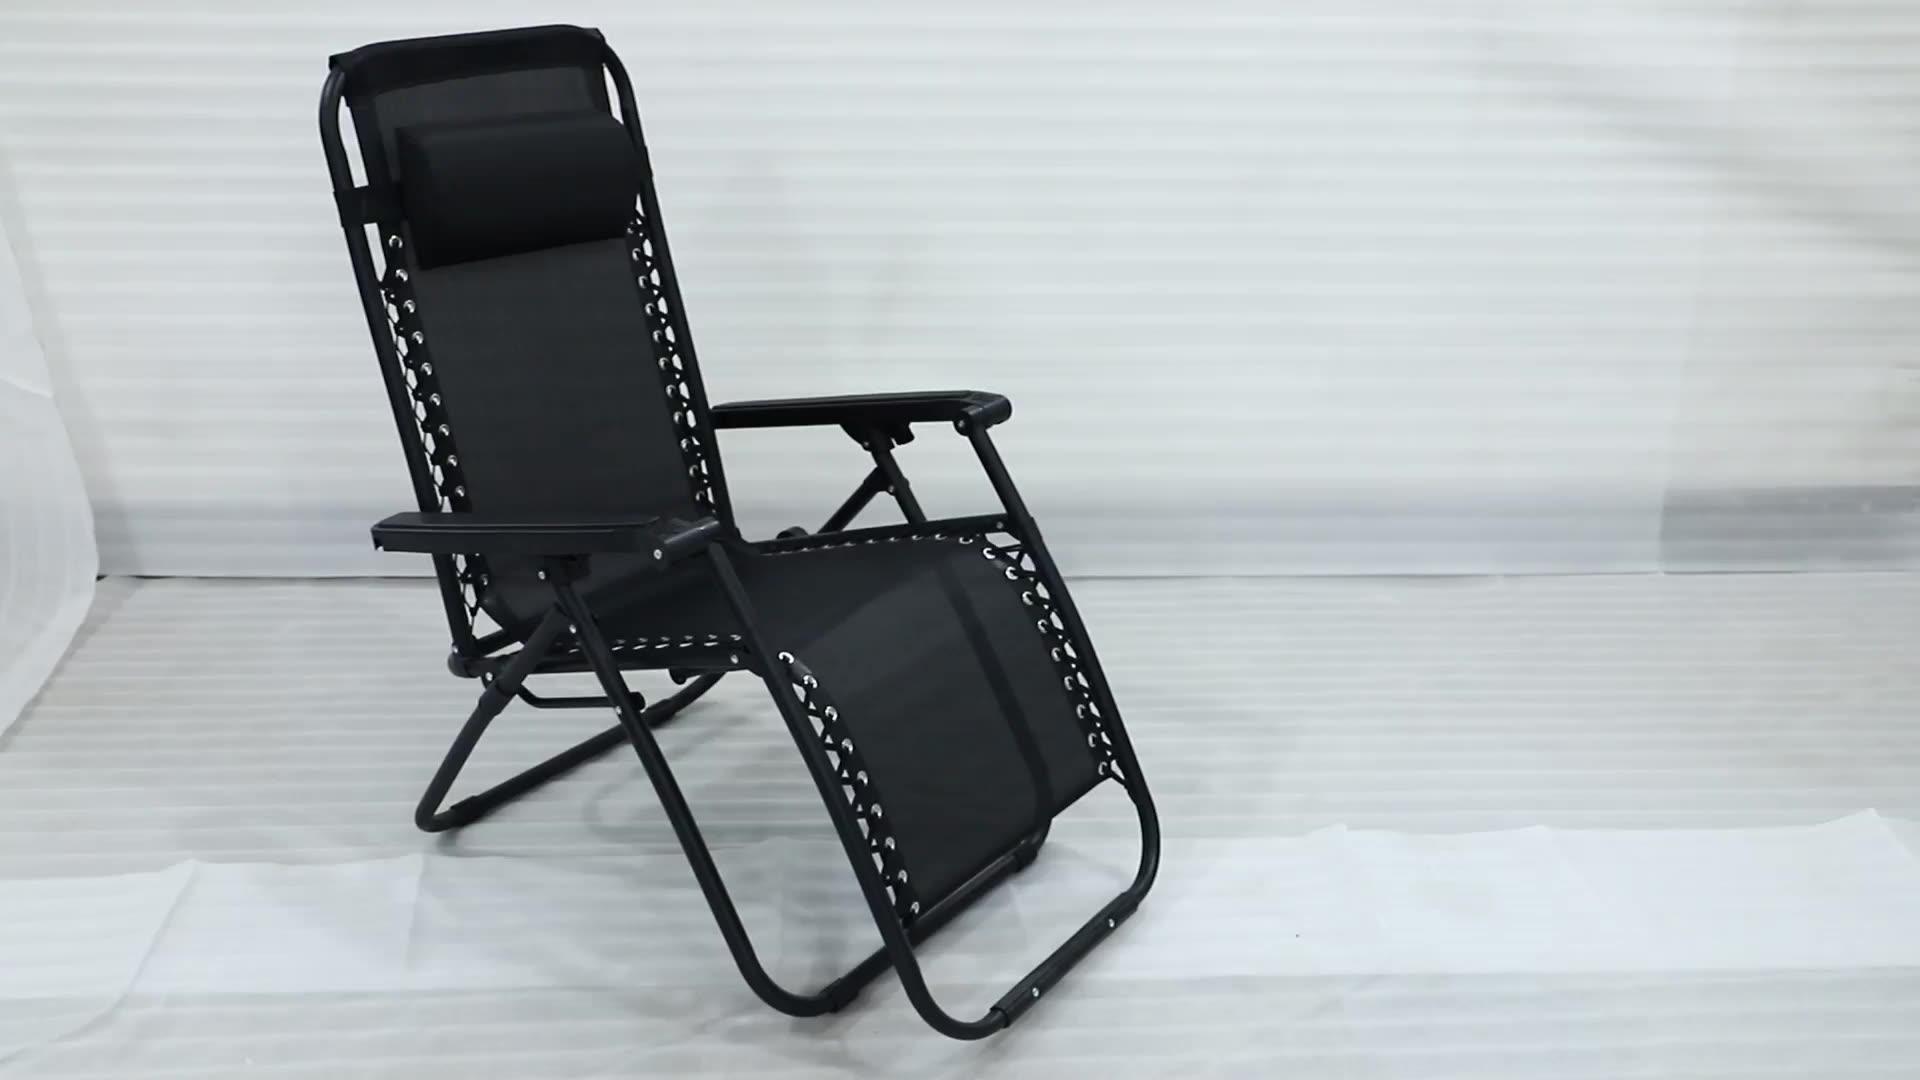 Beste Stahl Klapp Liegenden Angeln Strand Lounge Stühle Schwerelosigkeit Stuhl